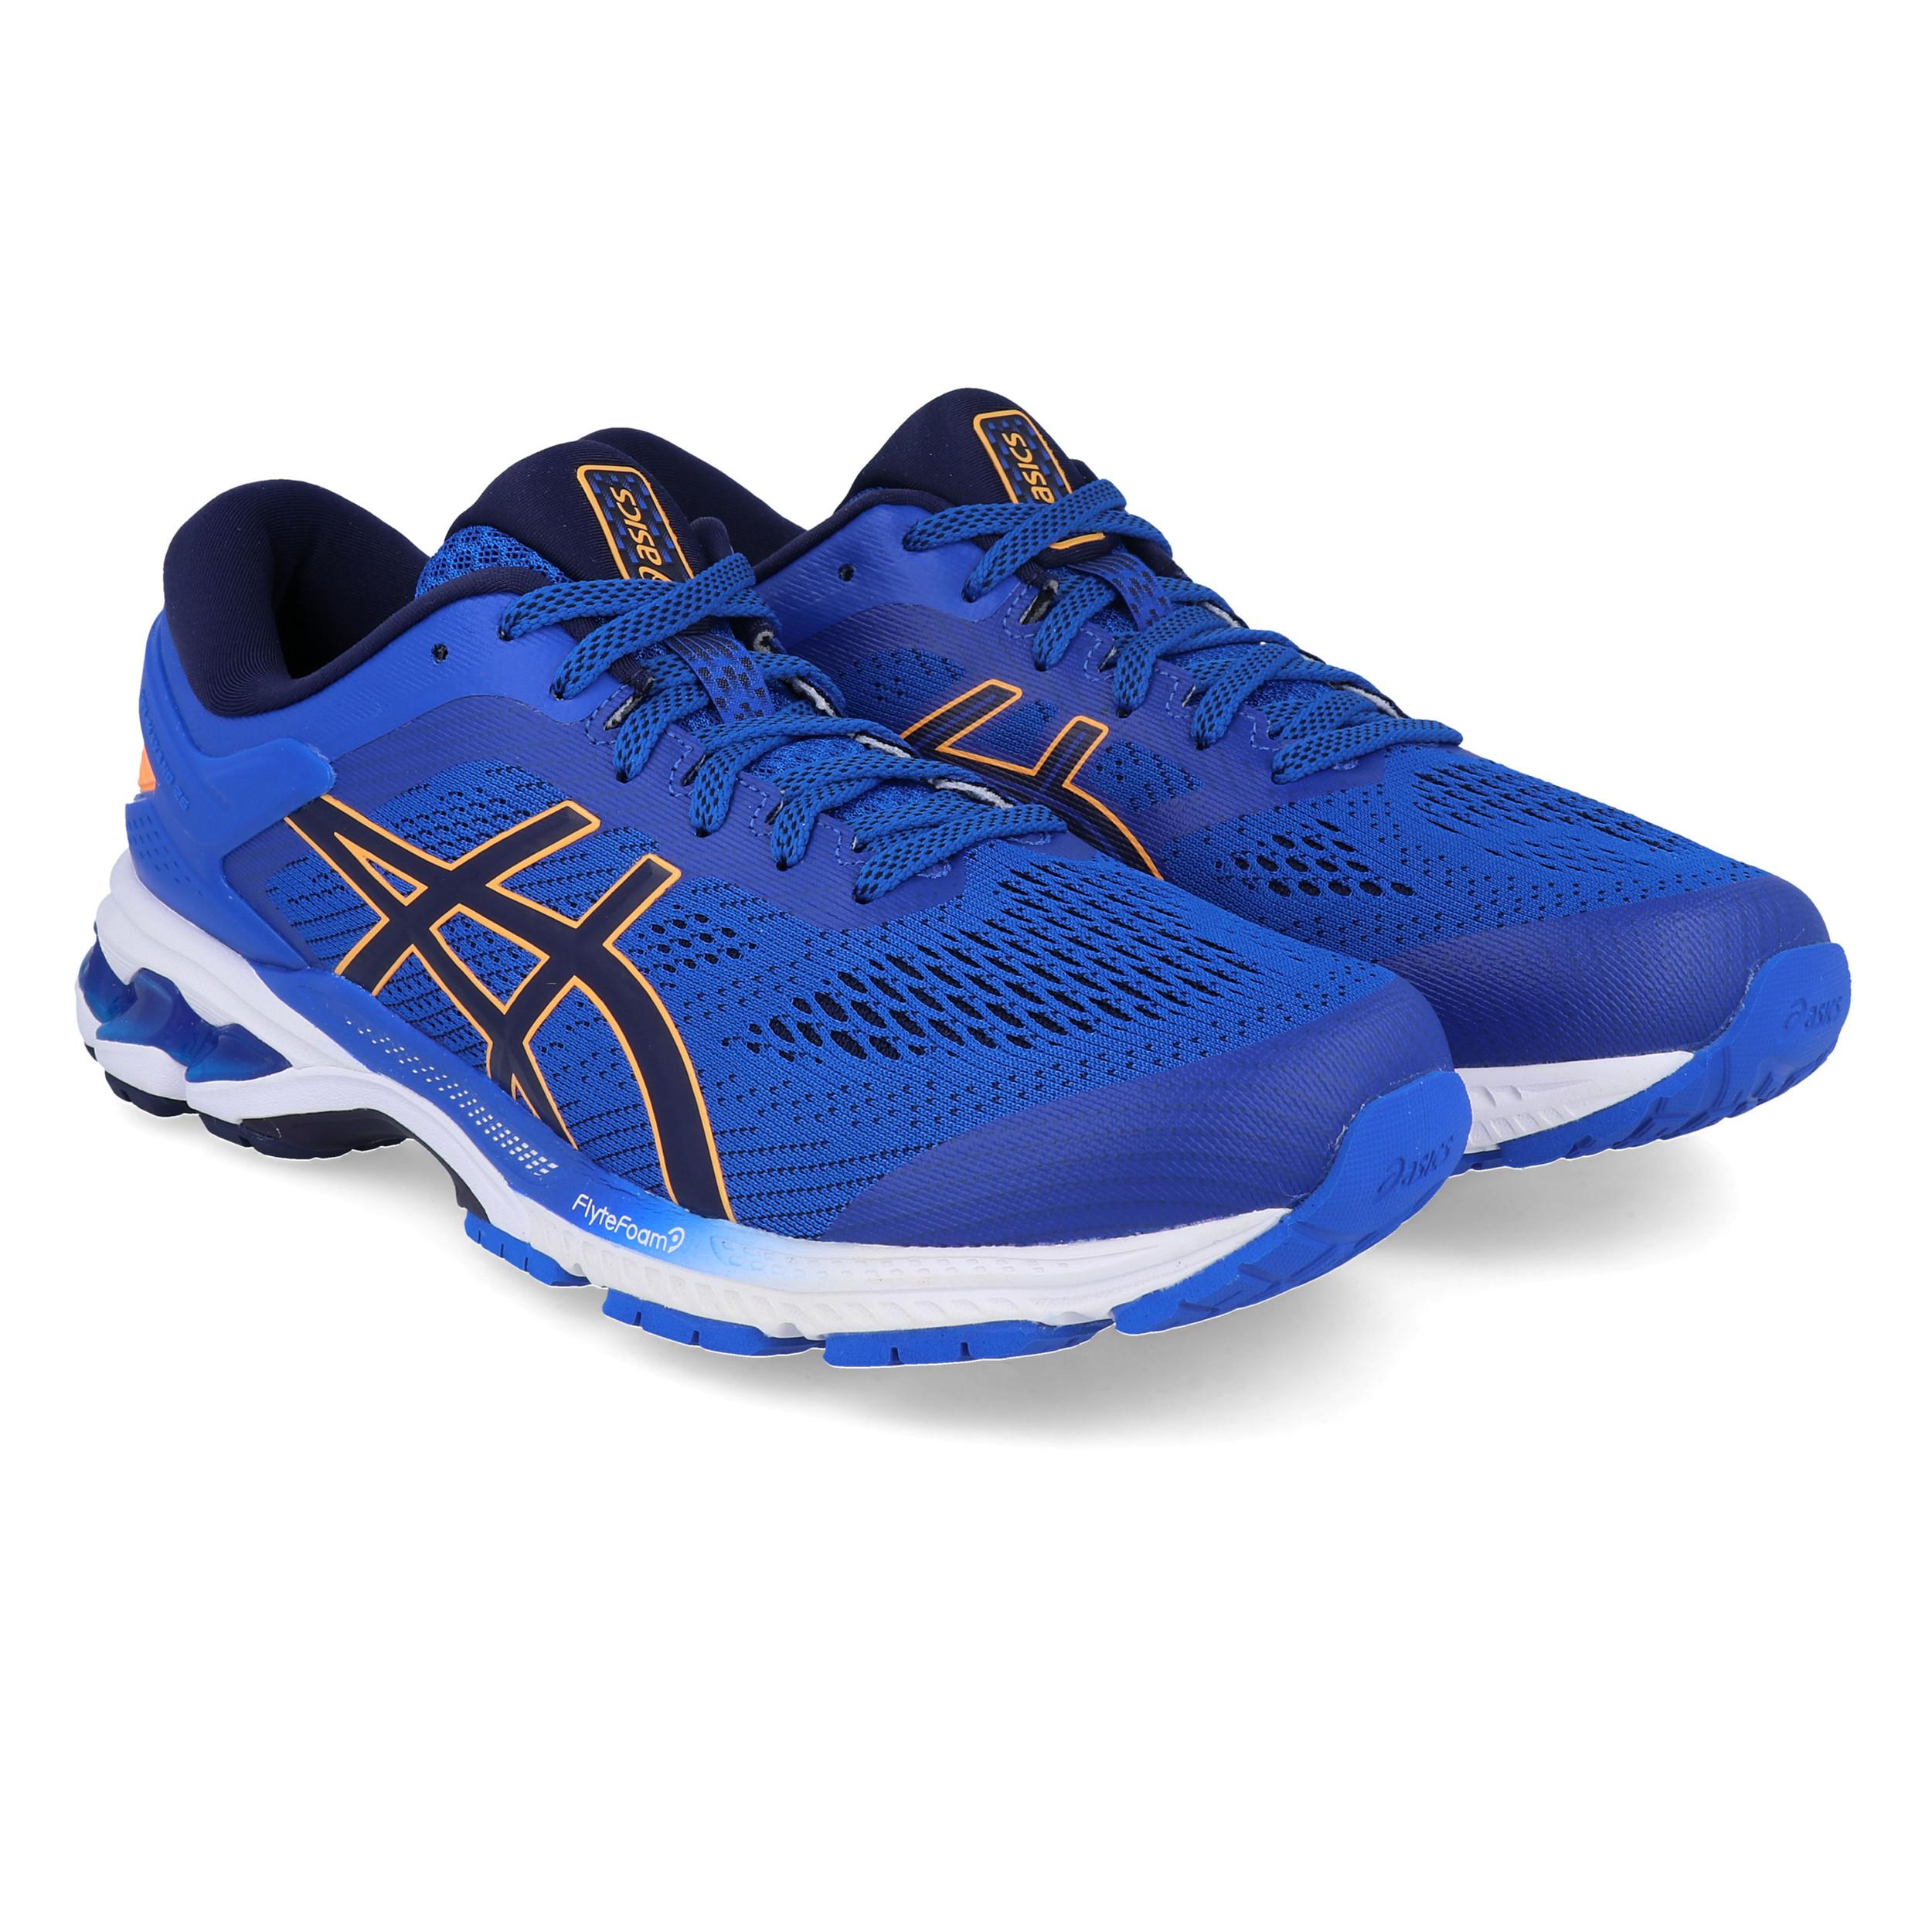 ASICS Gel-Kayano 26 Running Shoes - SS20